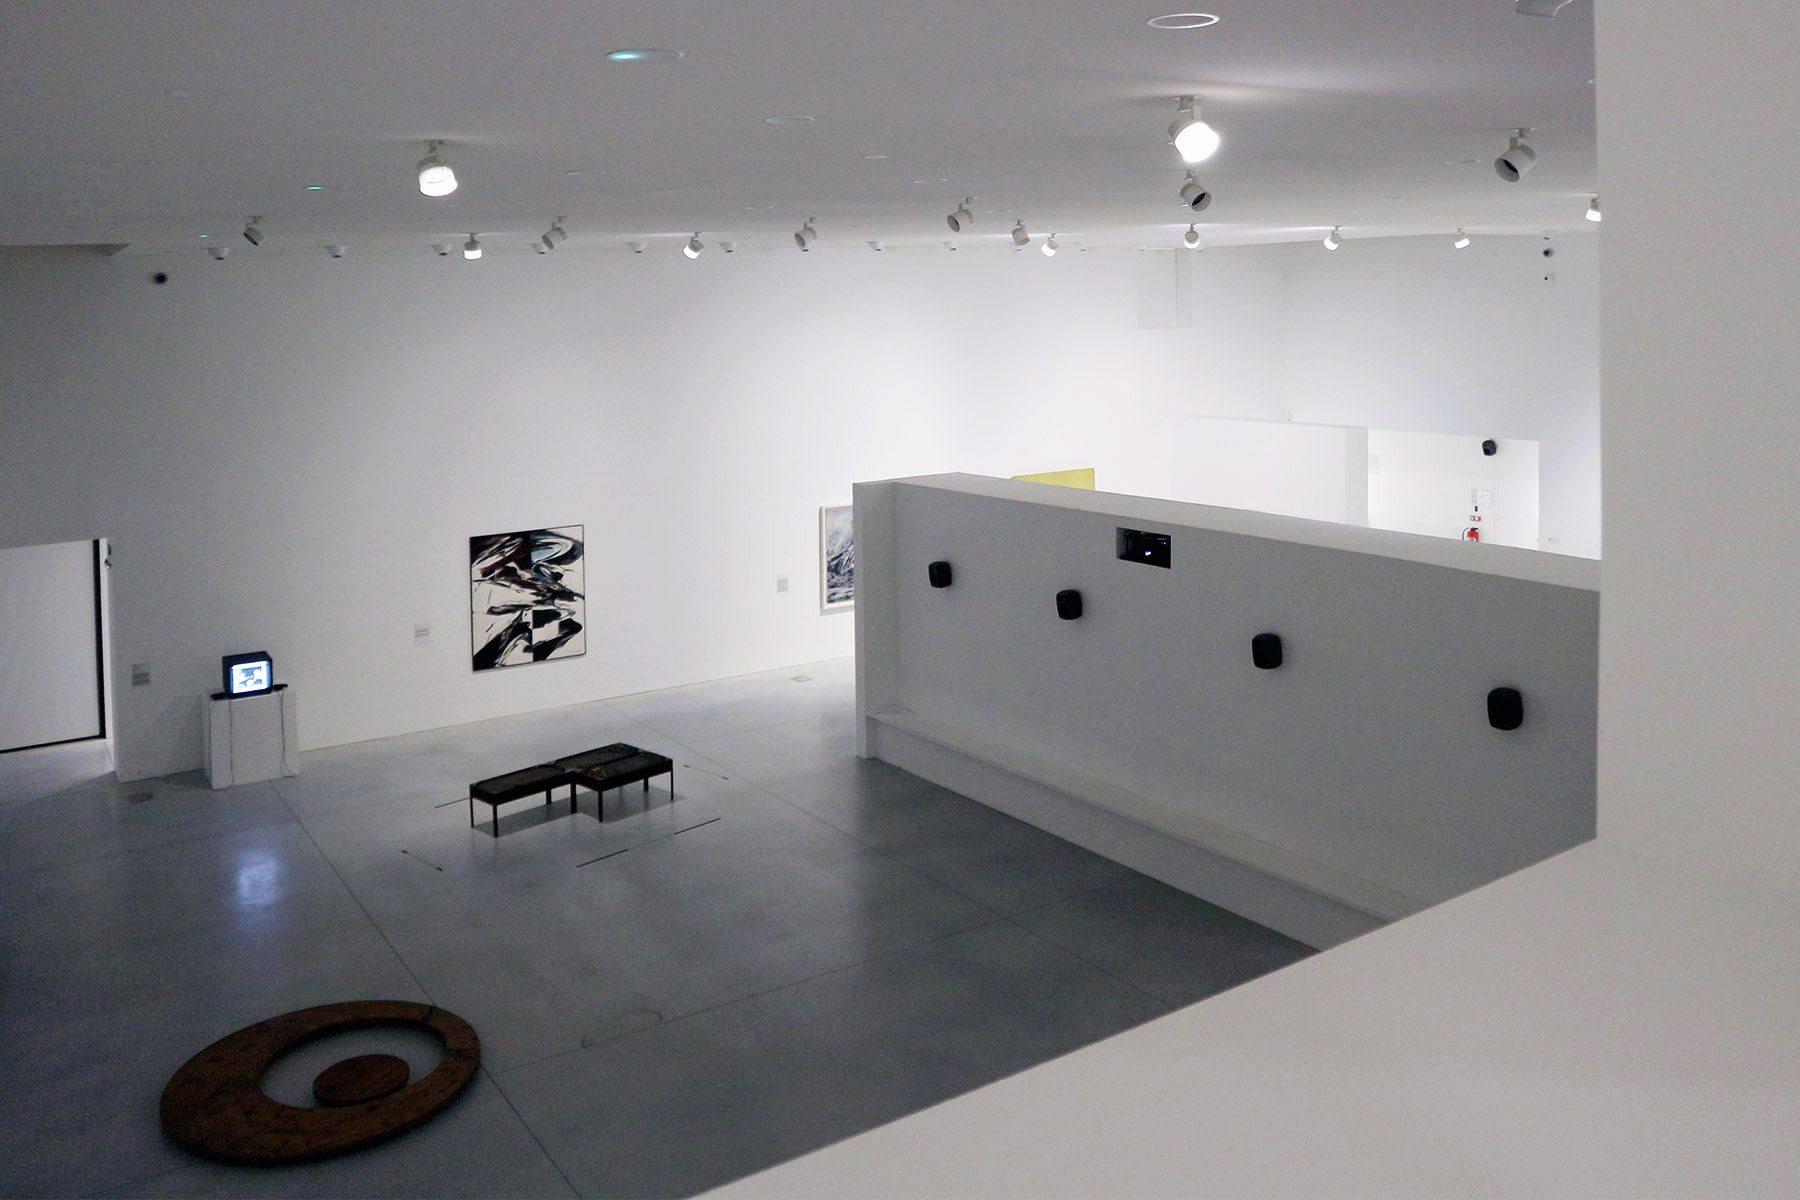 Tours. Im großen Saal sind Werke befreundeter Künstler wie Joseph Beuys, Sigmar Polke, Jörg Immendorff, Nam June Paik, Gotthard Graubner, Tony Cragg und Thomas Ruff zu sehen.